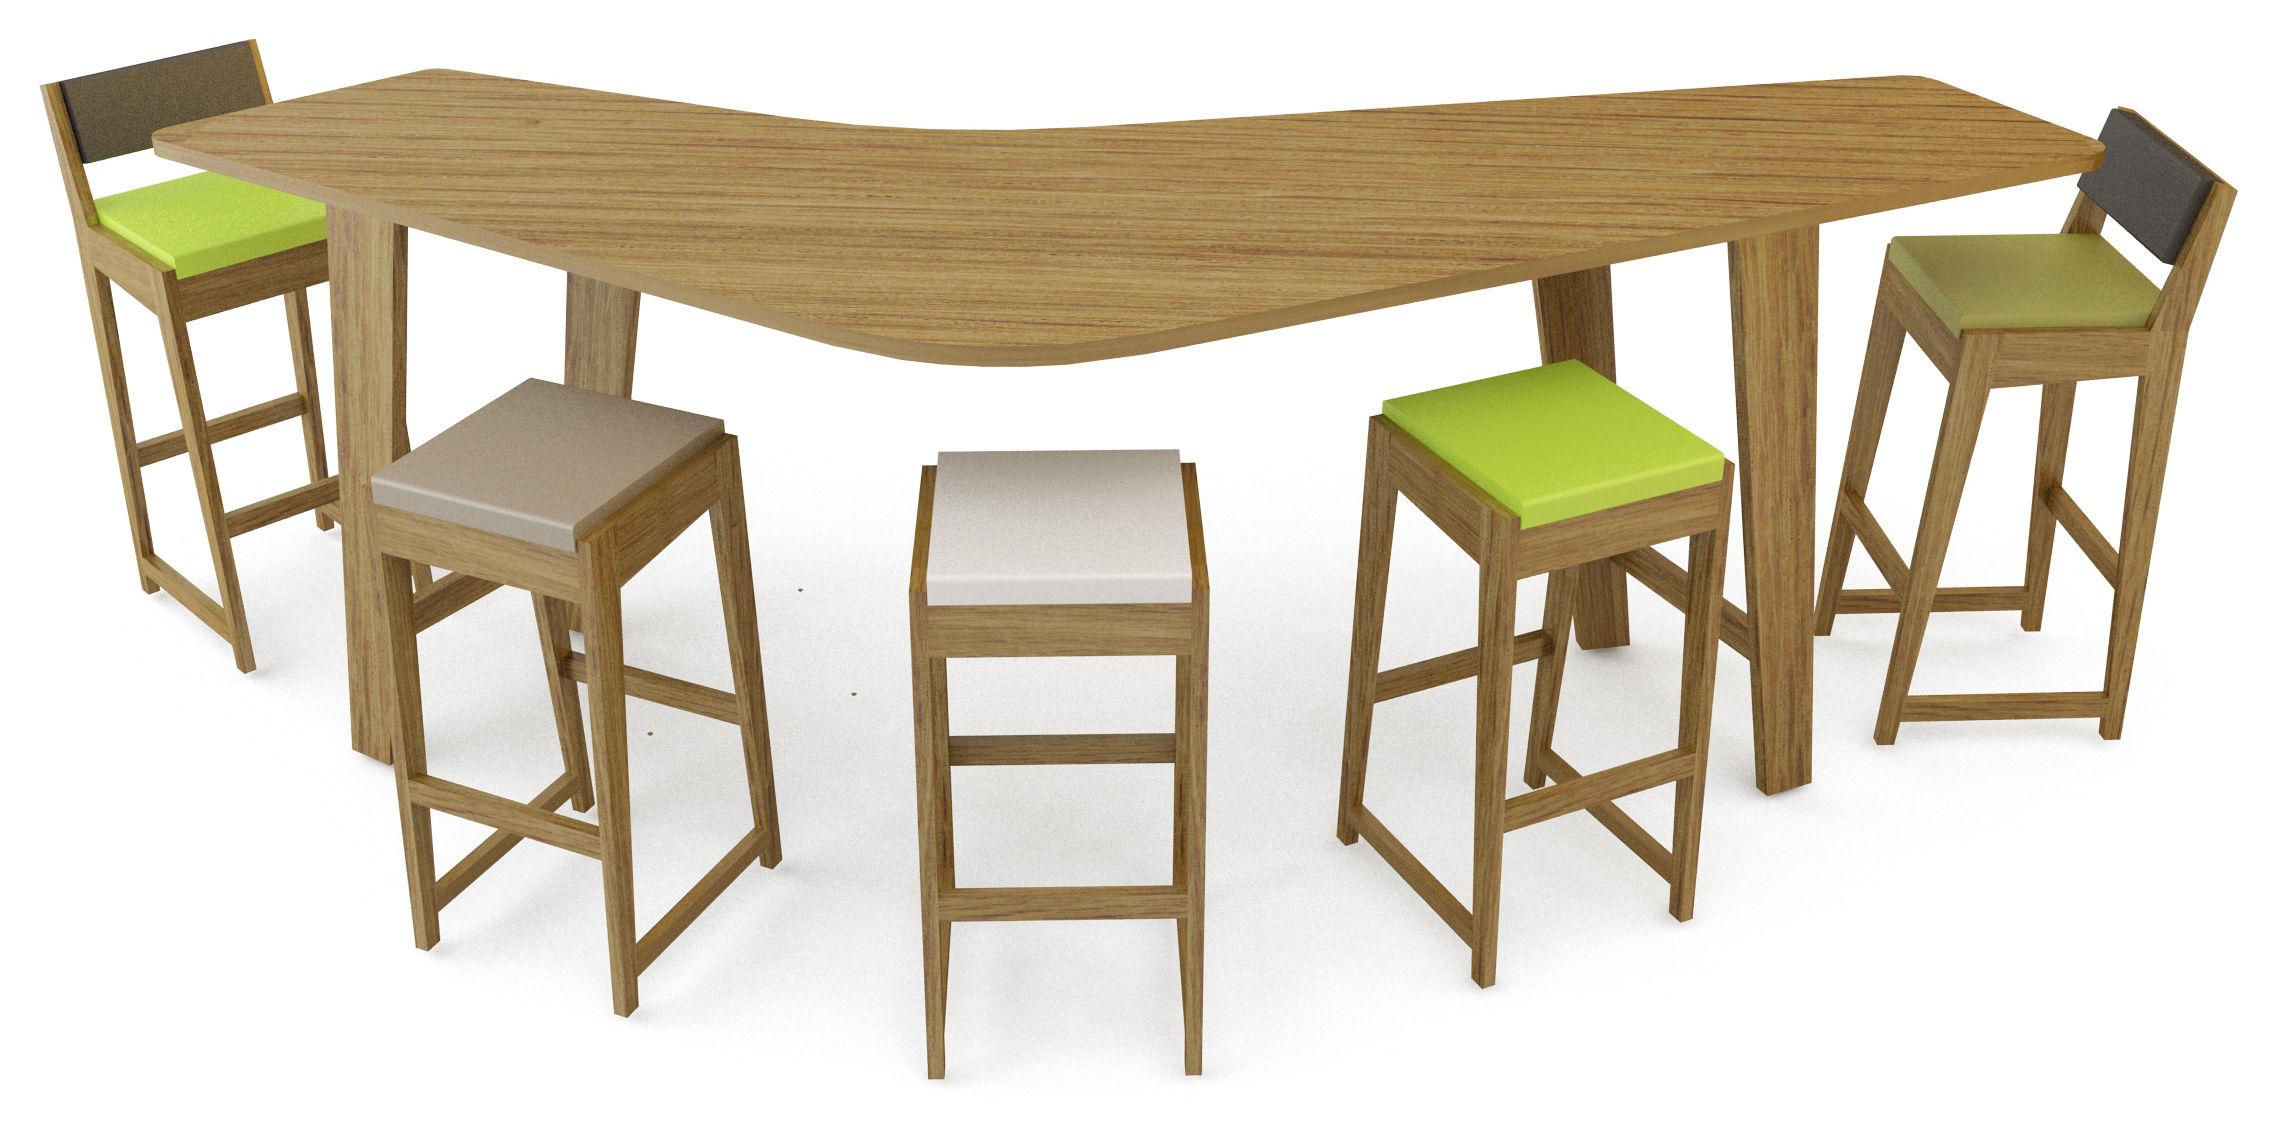 chaise de bar room 26 h 110 cm bois assise mousse ch ne coussin orange quinze milan. Black Bedroom Furniture Sets. Home Design Ideas